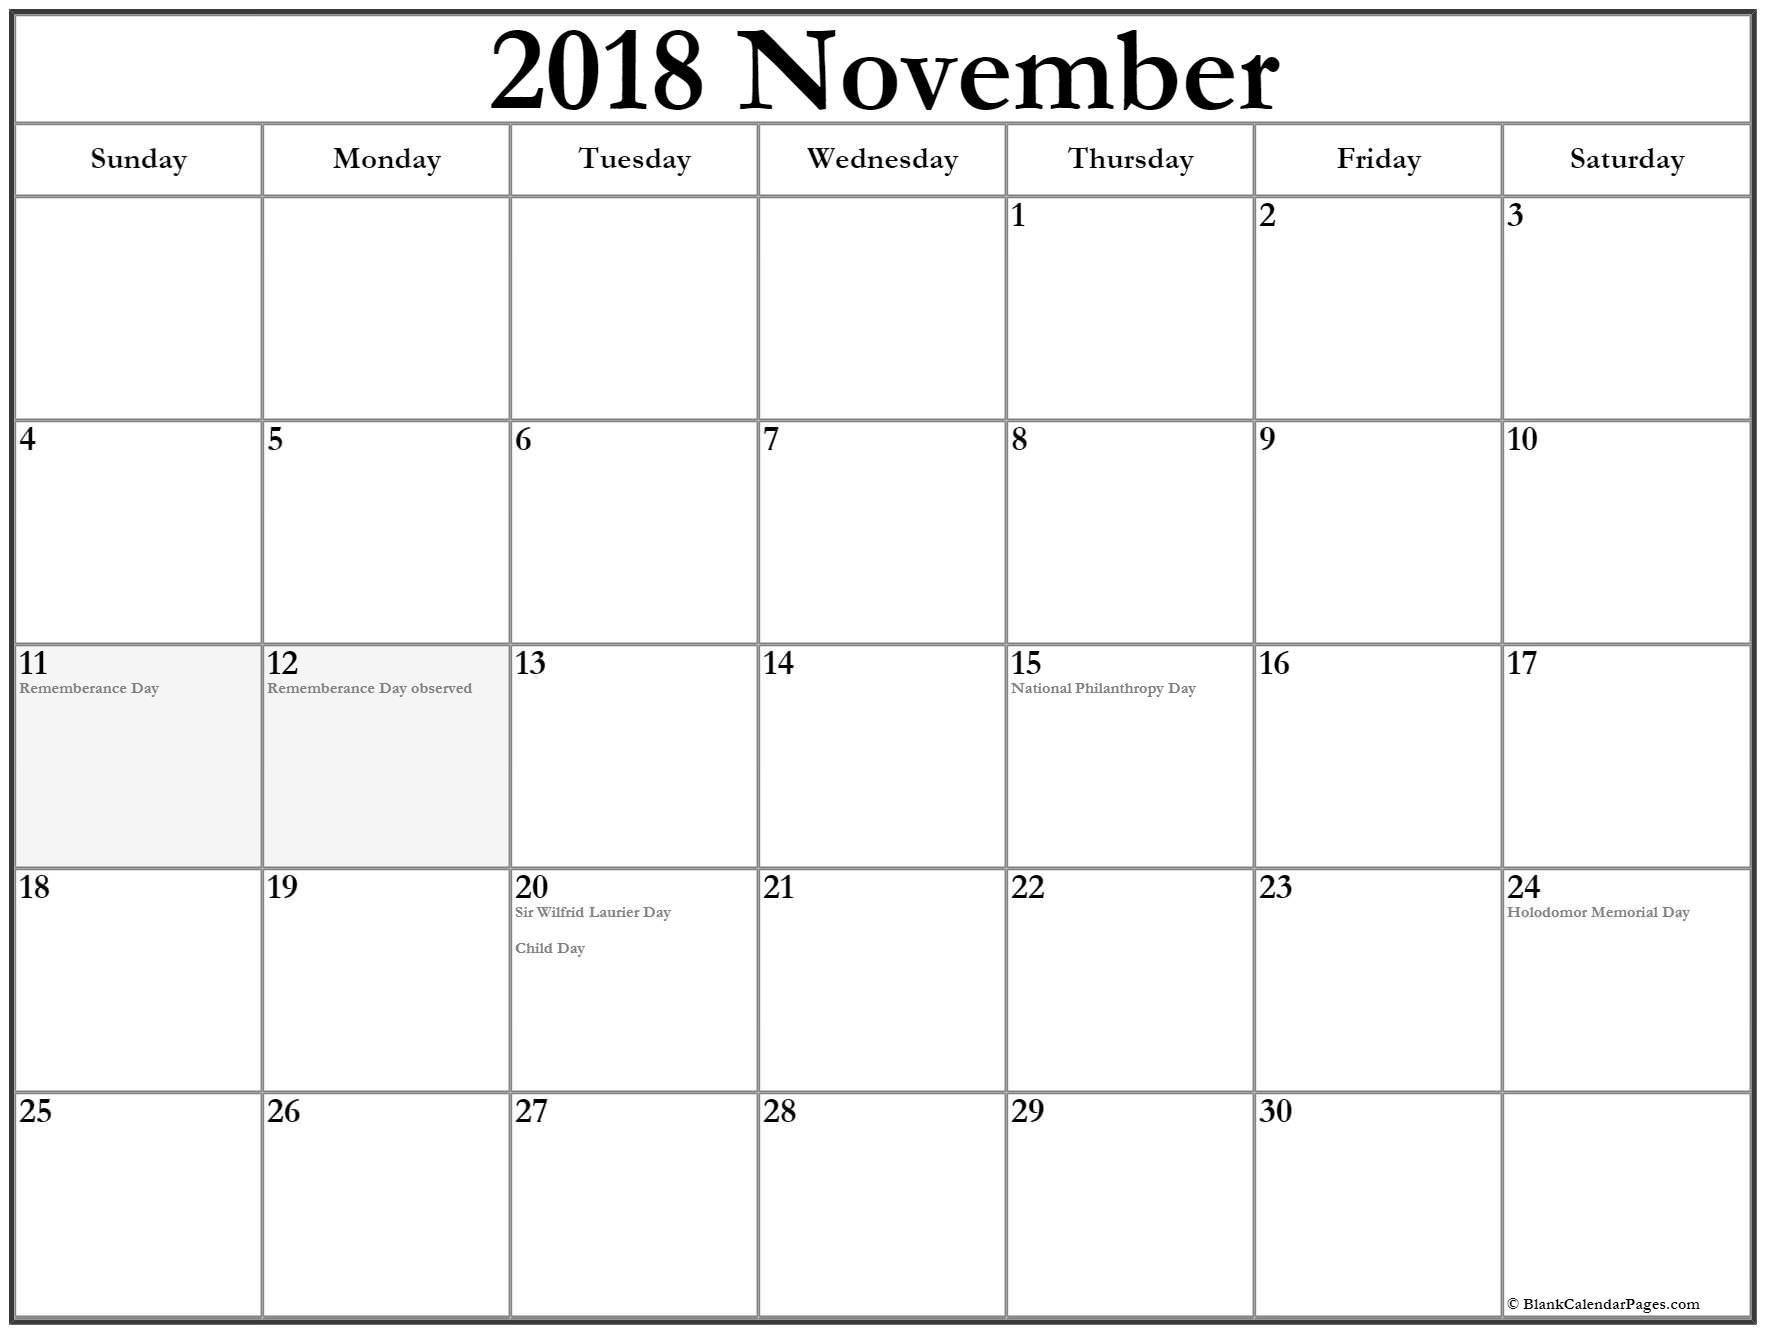 March Calendar Vector Actual Moon Phase Calendar March 2019 Of March Calendar Vector Actual Data Involving event Calendar March Calendar Online 2019